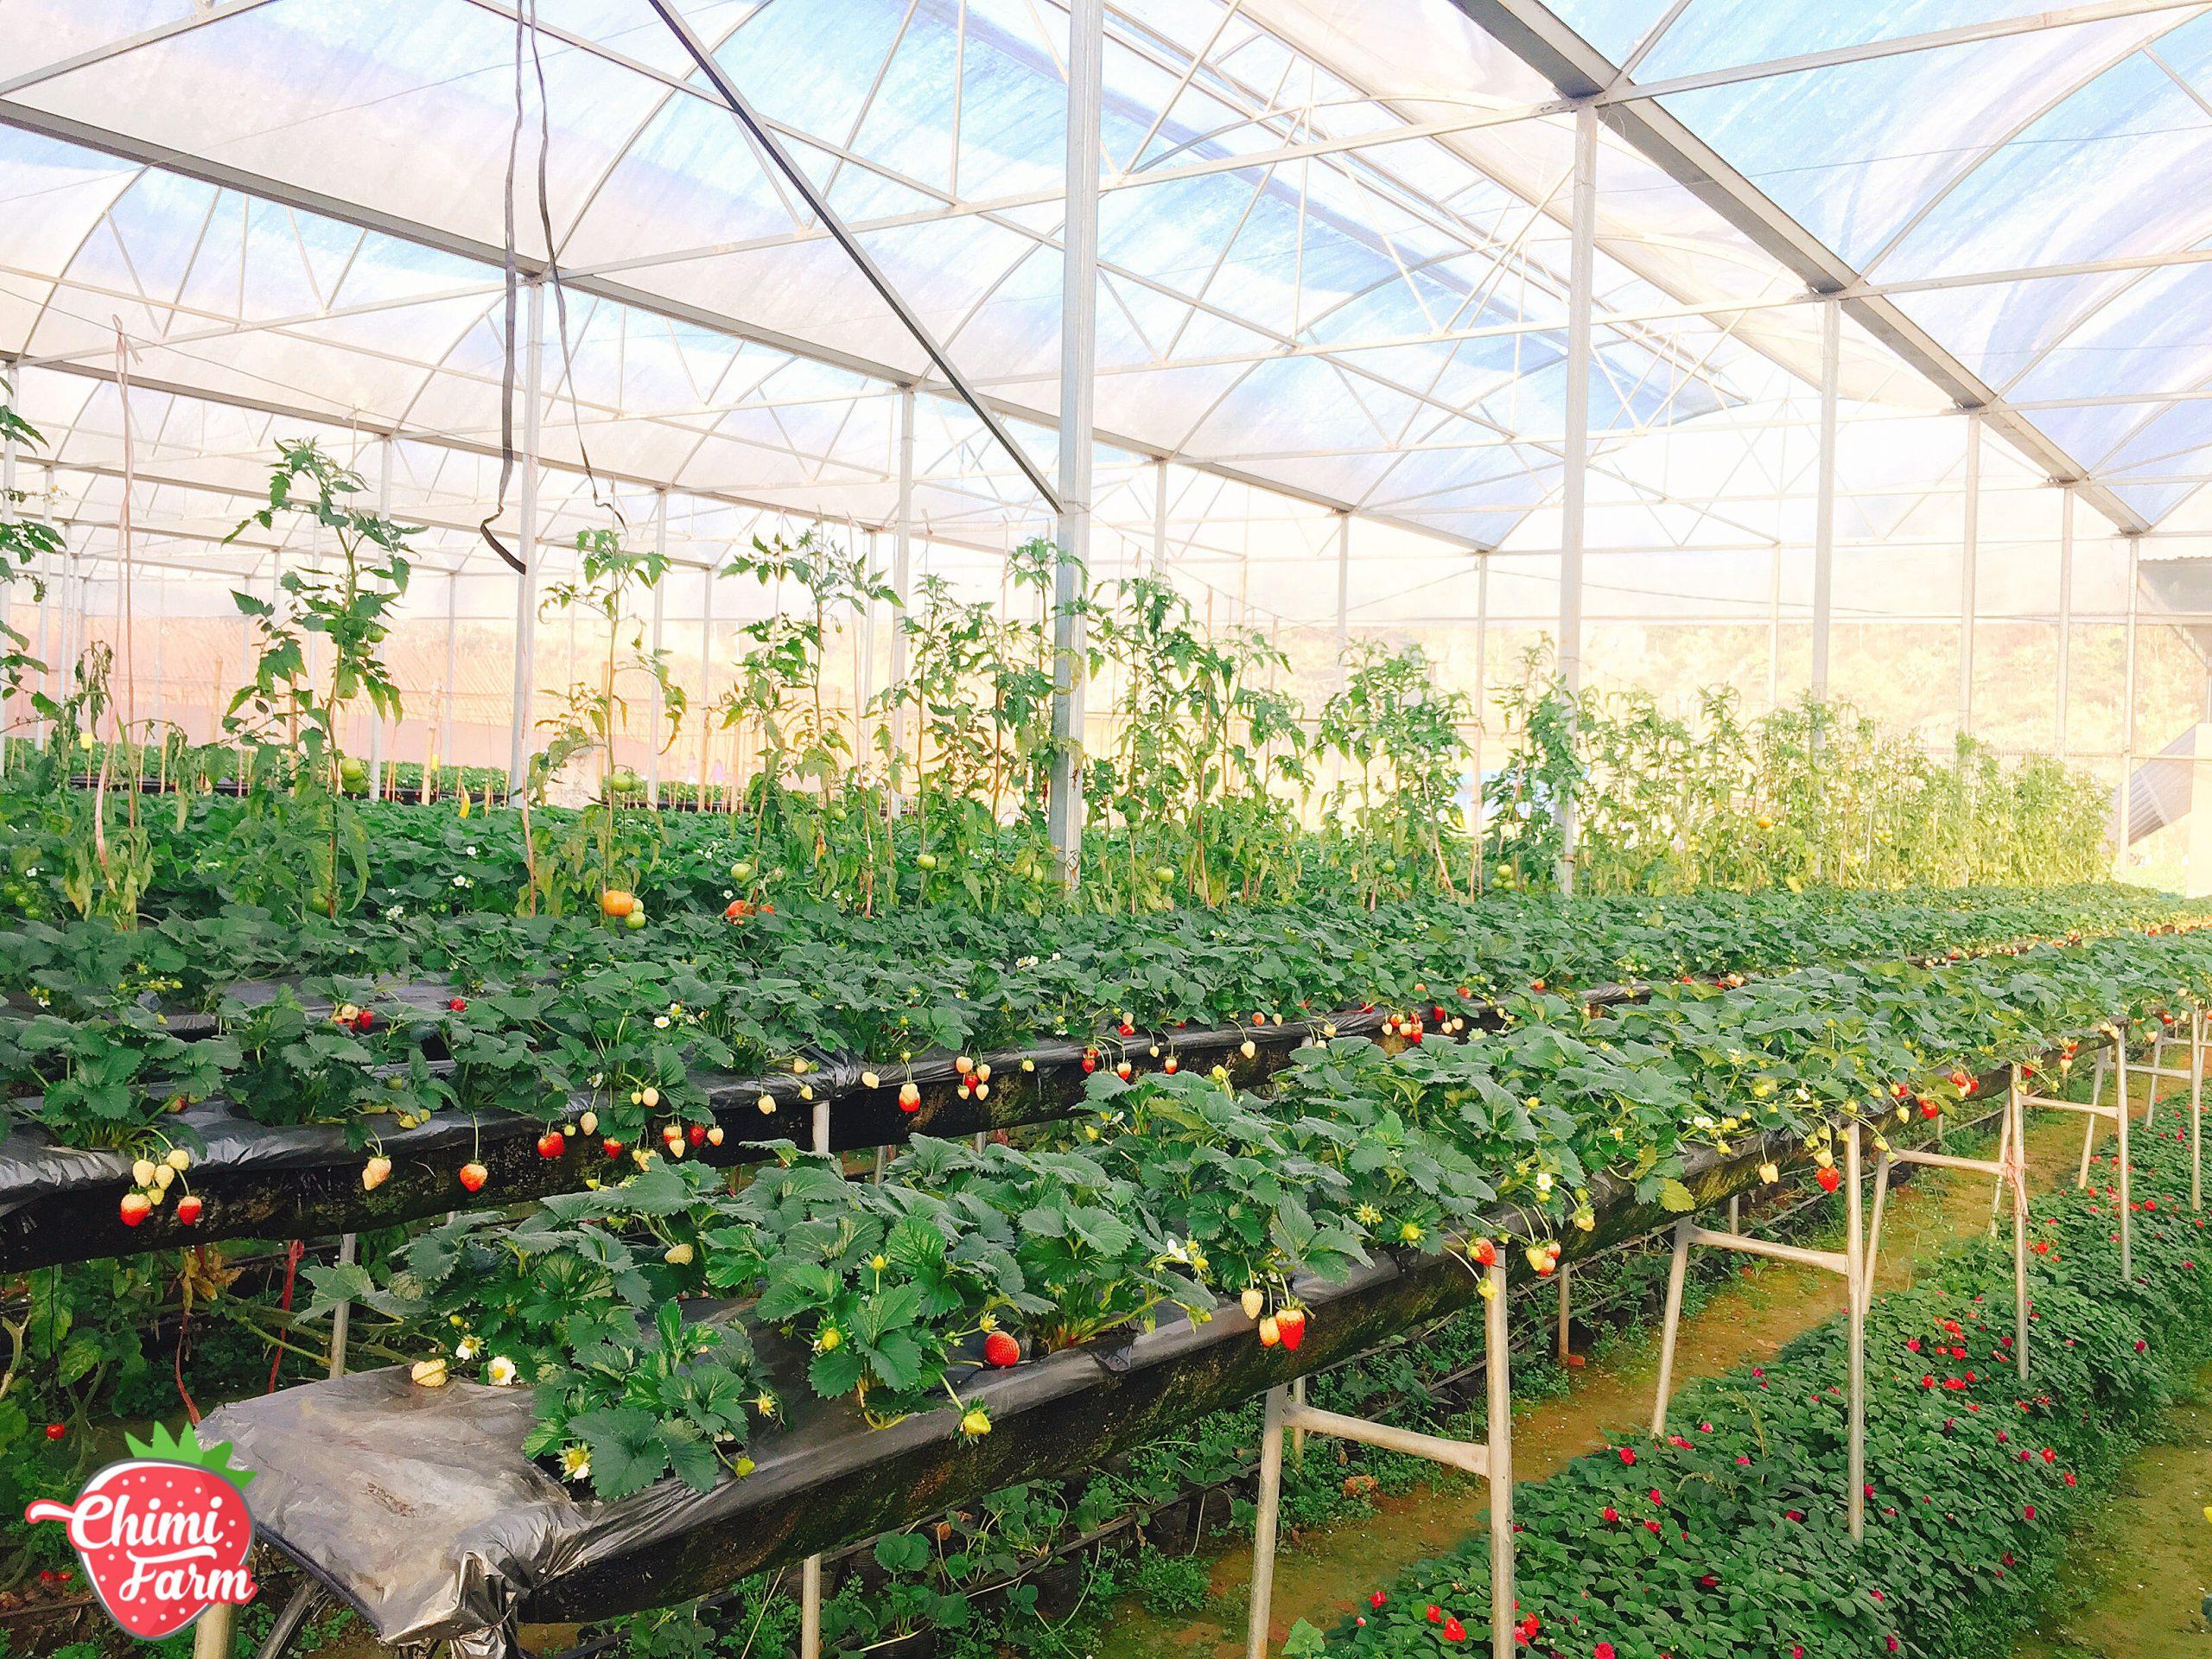 Mua cây giống dâu tây Mộc Châu ở đâu uy tín chất lượng Liên hệ mua cây dâu tây giống, tư vấn kỹ thuật 082.989.1110